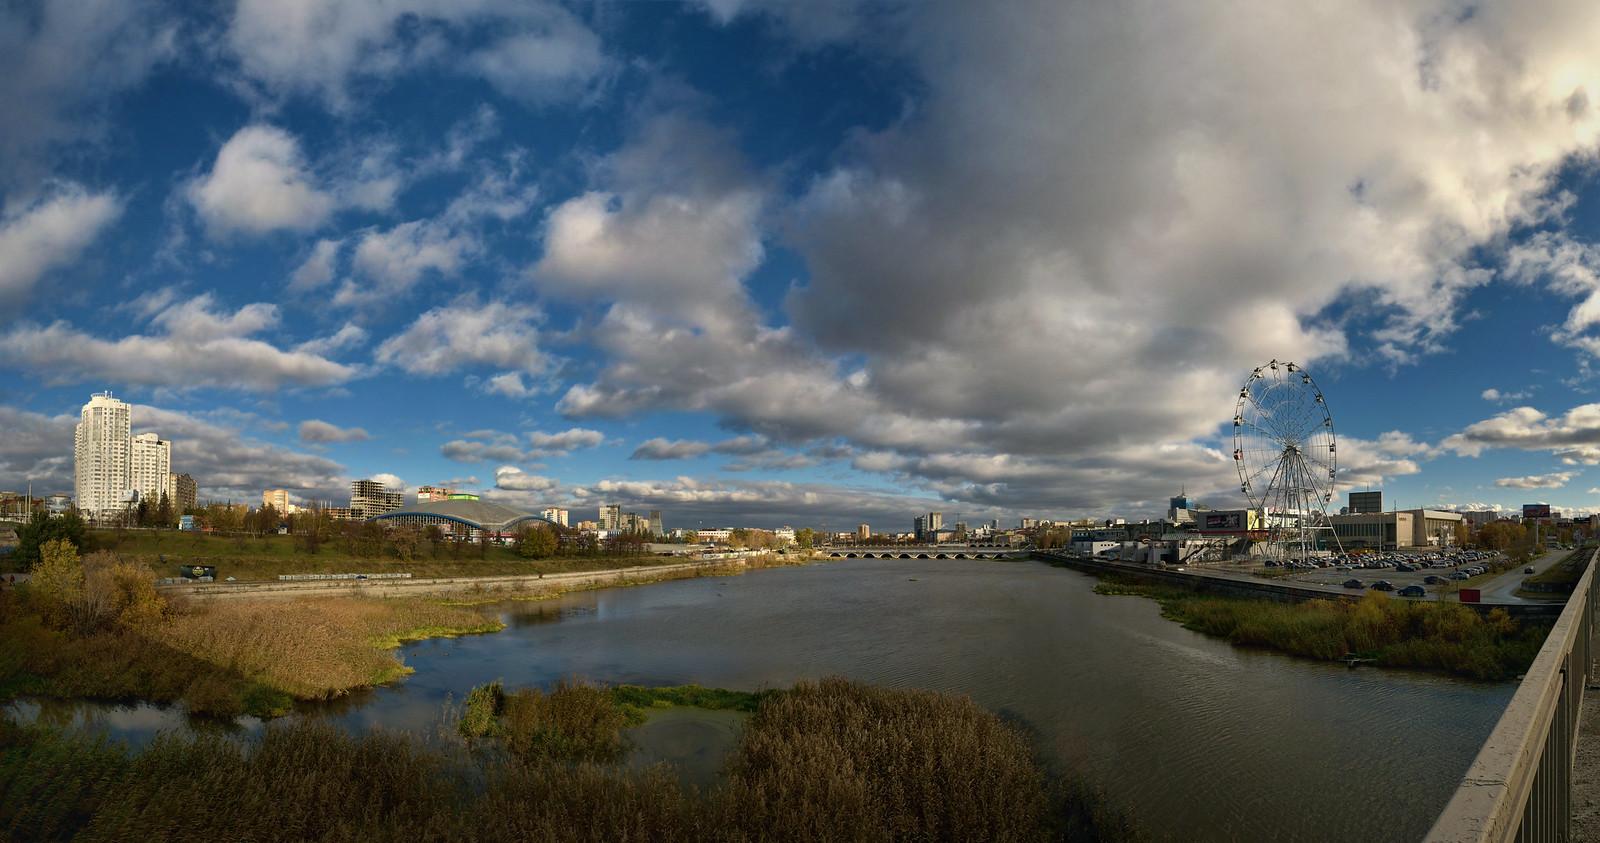 Челябинск, площадь революции